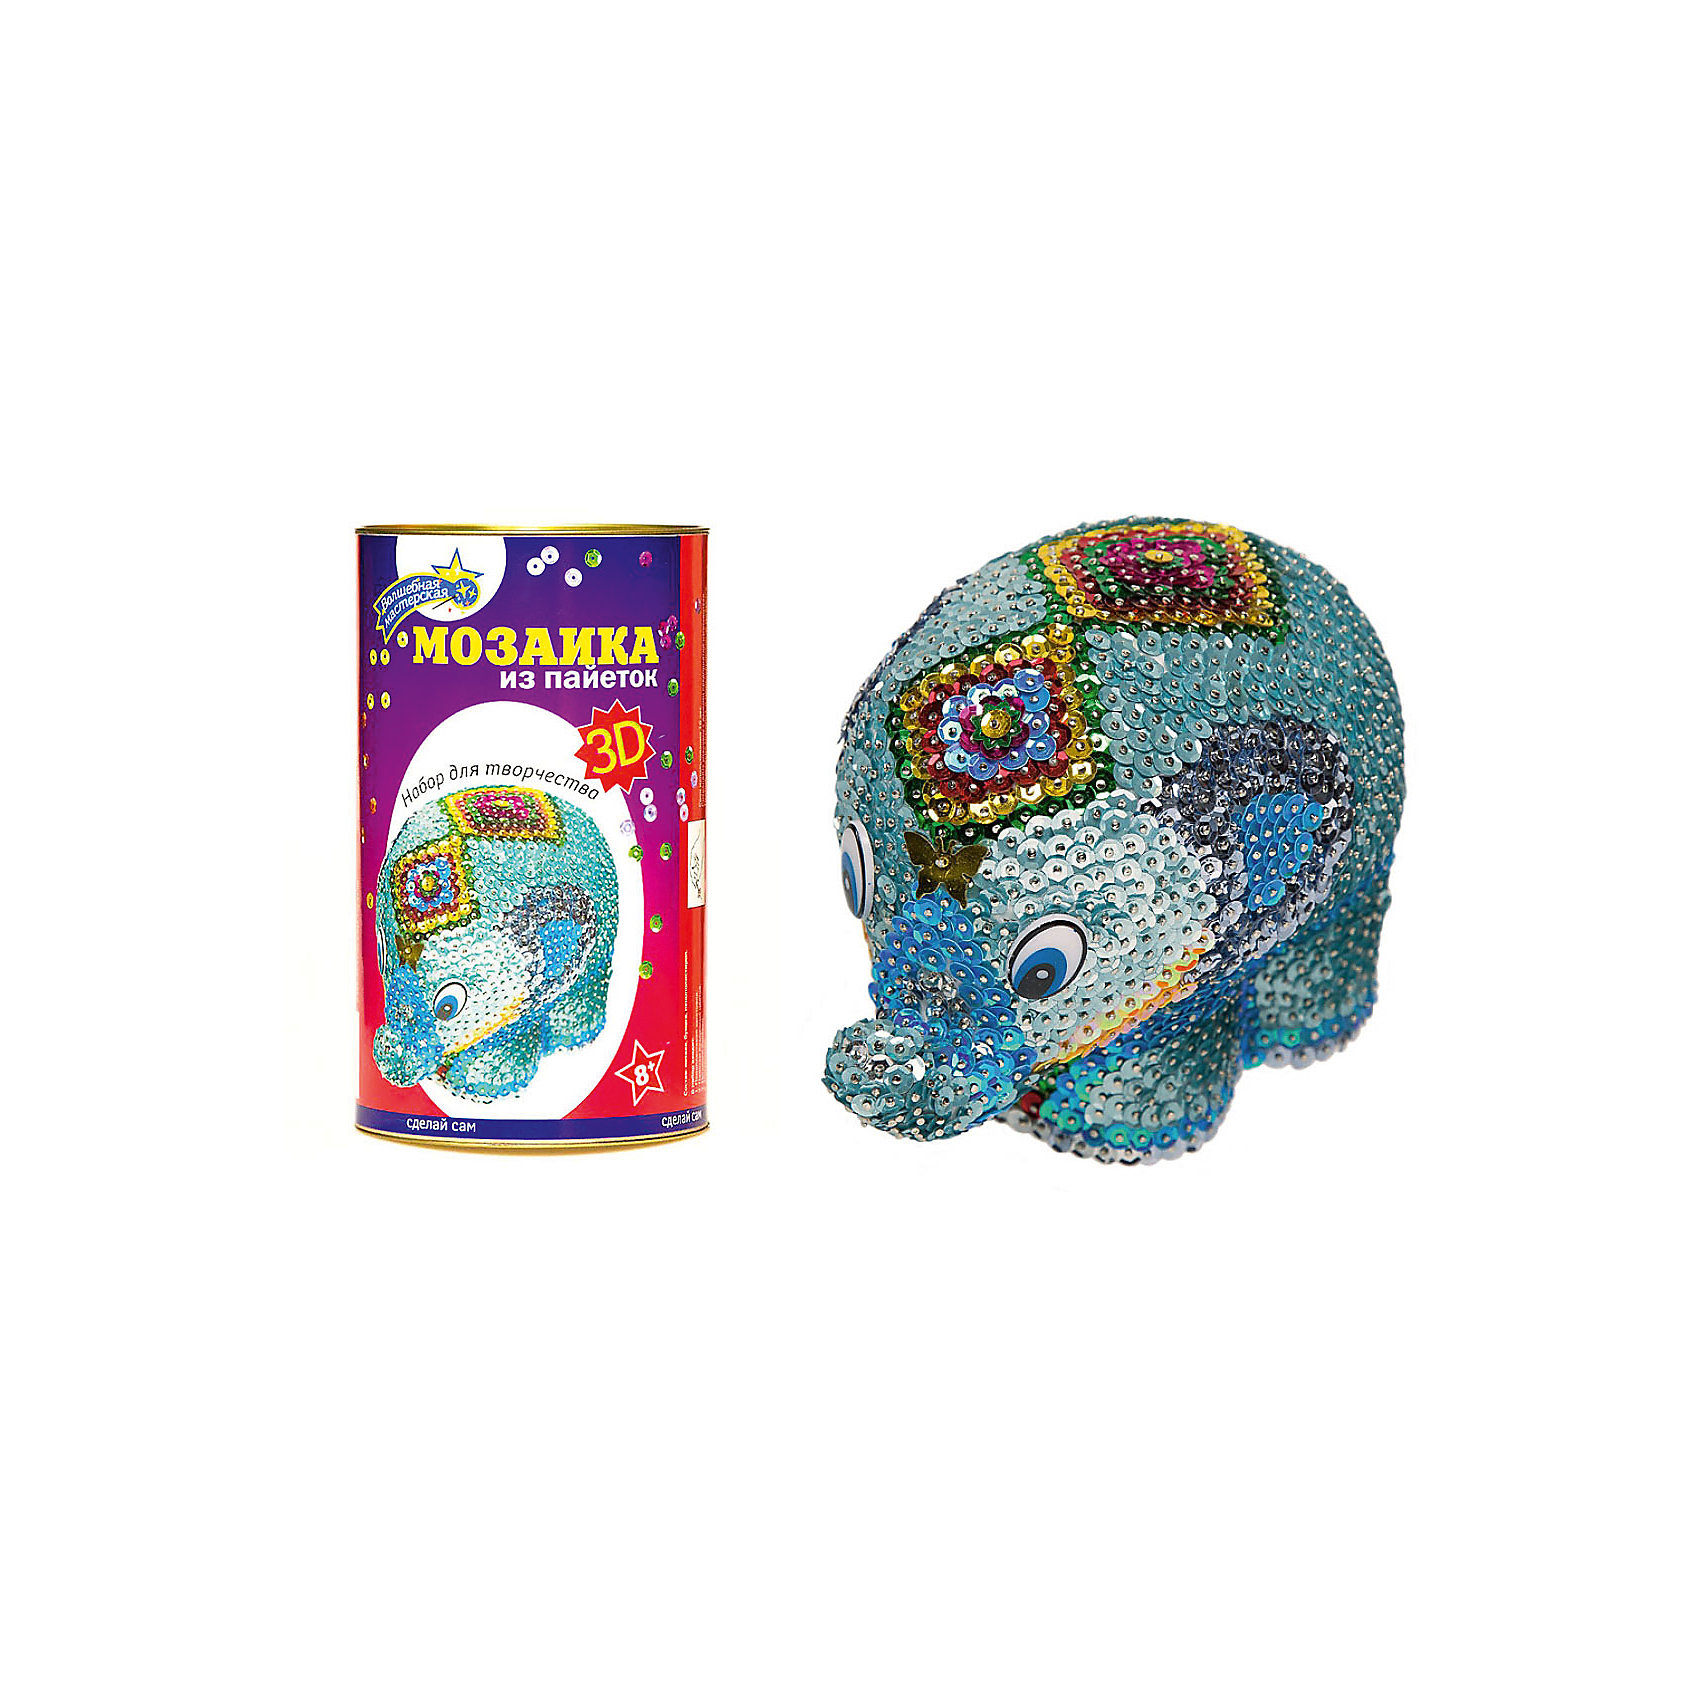 Мозаика из пайеток 3D Слон, Волшебная мастерскаяМозаика<br>Мозаика из пайеток 3D Слон, Волшебная мастерская <br><br>Характеристики: <br><br>• Возраст: от 8 лет<br>• Материал: пенопласт, пластик<br>• В комплекте: заготовка, гвоздики, пайетки<br>• Вес: 550г<br>• Размер коробки: 120х210х120мм<br><br>В этом наборе содержится не просто мозаика, но и объемная игрушка, которую необходимо украсить разноцветными яркими пайетками. Игрушечный слоник, изготовленный из пенопласта (для удобного закрепления украшений) и набор ярких пайеток для его декорирования подарят вашему ребенку много радости и дадут проявить воображение. <br><br>Пайетки необходимо прикреплять к фигурке при помощи специальных гвоздиков, потому этот набор рекомендуется для использования детьми от 8 лет.<br><br>Мозаику из пайеток 3D Слон, Волшебная мастерская можно купить в нашем интернет-магазине.<br><br>Ширина мм: 120<br>Глубина мм: 210<br>Высота мм: 120<br>Вес г: 550<br>Возраст от месяцев: 36<br>Возраст до месяцев: 2147483647<br>Пол: Женский<br>Возраст: Детский<br>SKU: 5445430